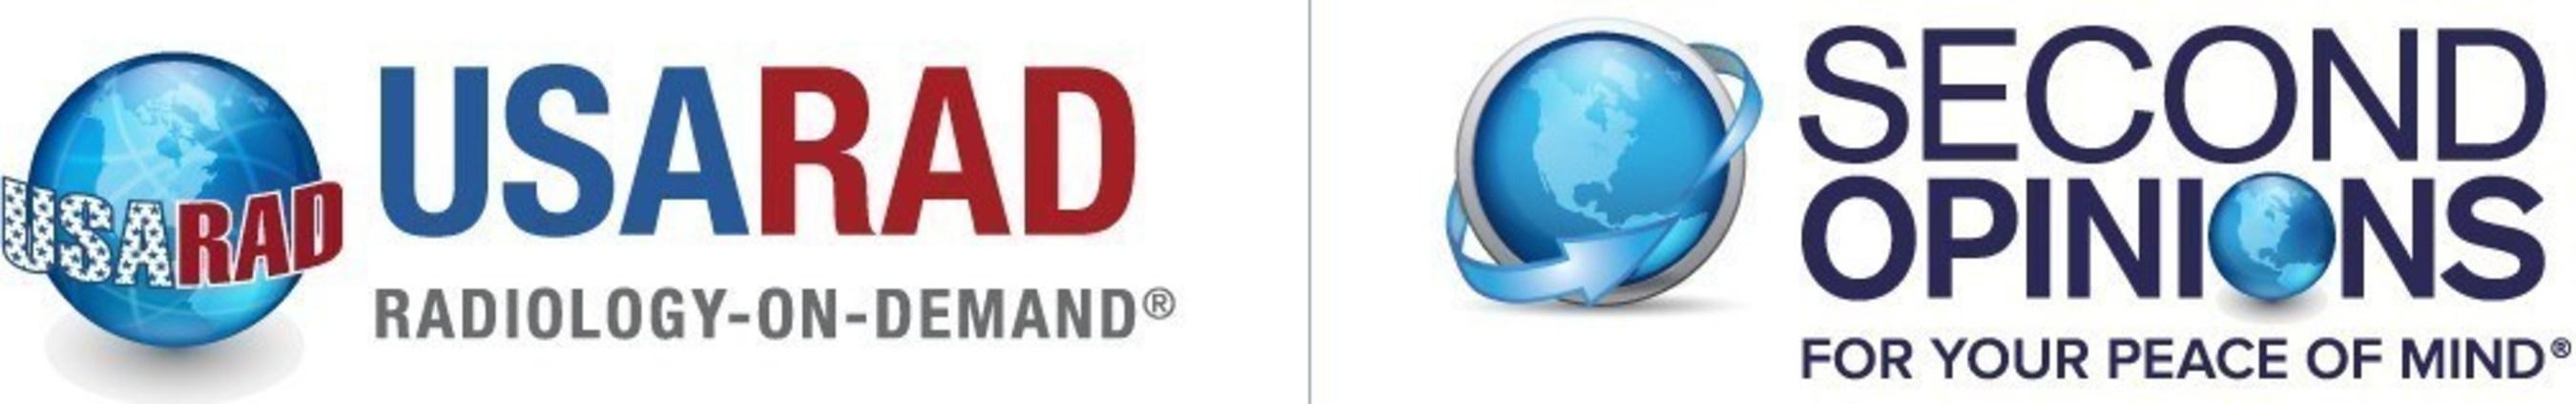 USARAD Holdings Inc. и ее подразделение SecondOpinions.com получают финансирование от венчурного